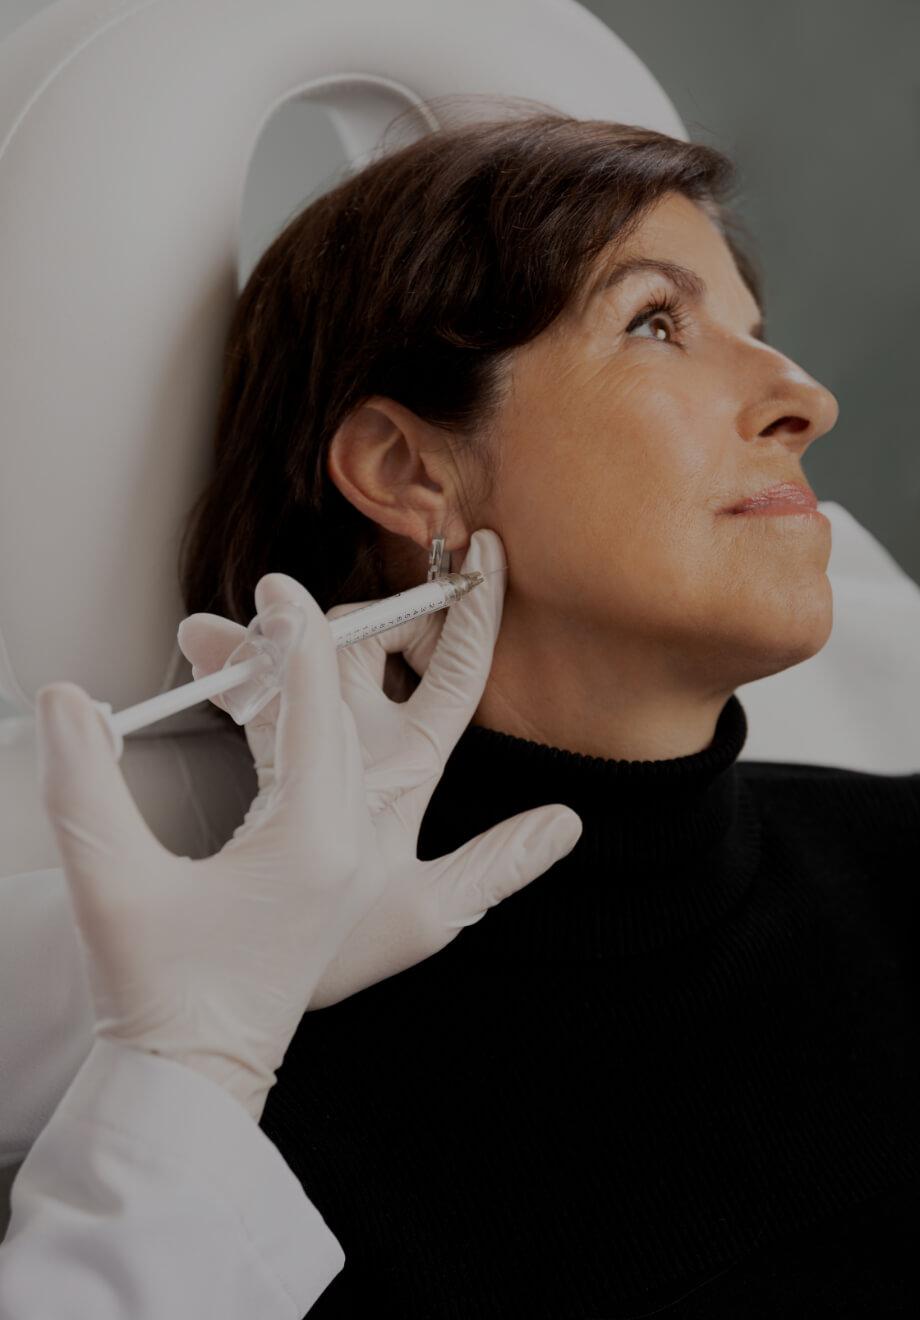 Un médecin de la Clinique Chloé pratiquant des injections de Radiesse dans la ligne de la mâchoire d'une patiente